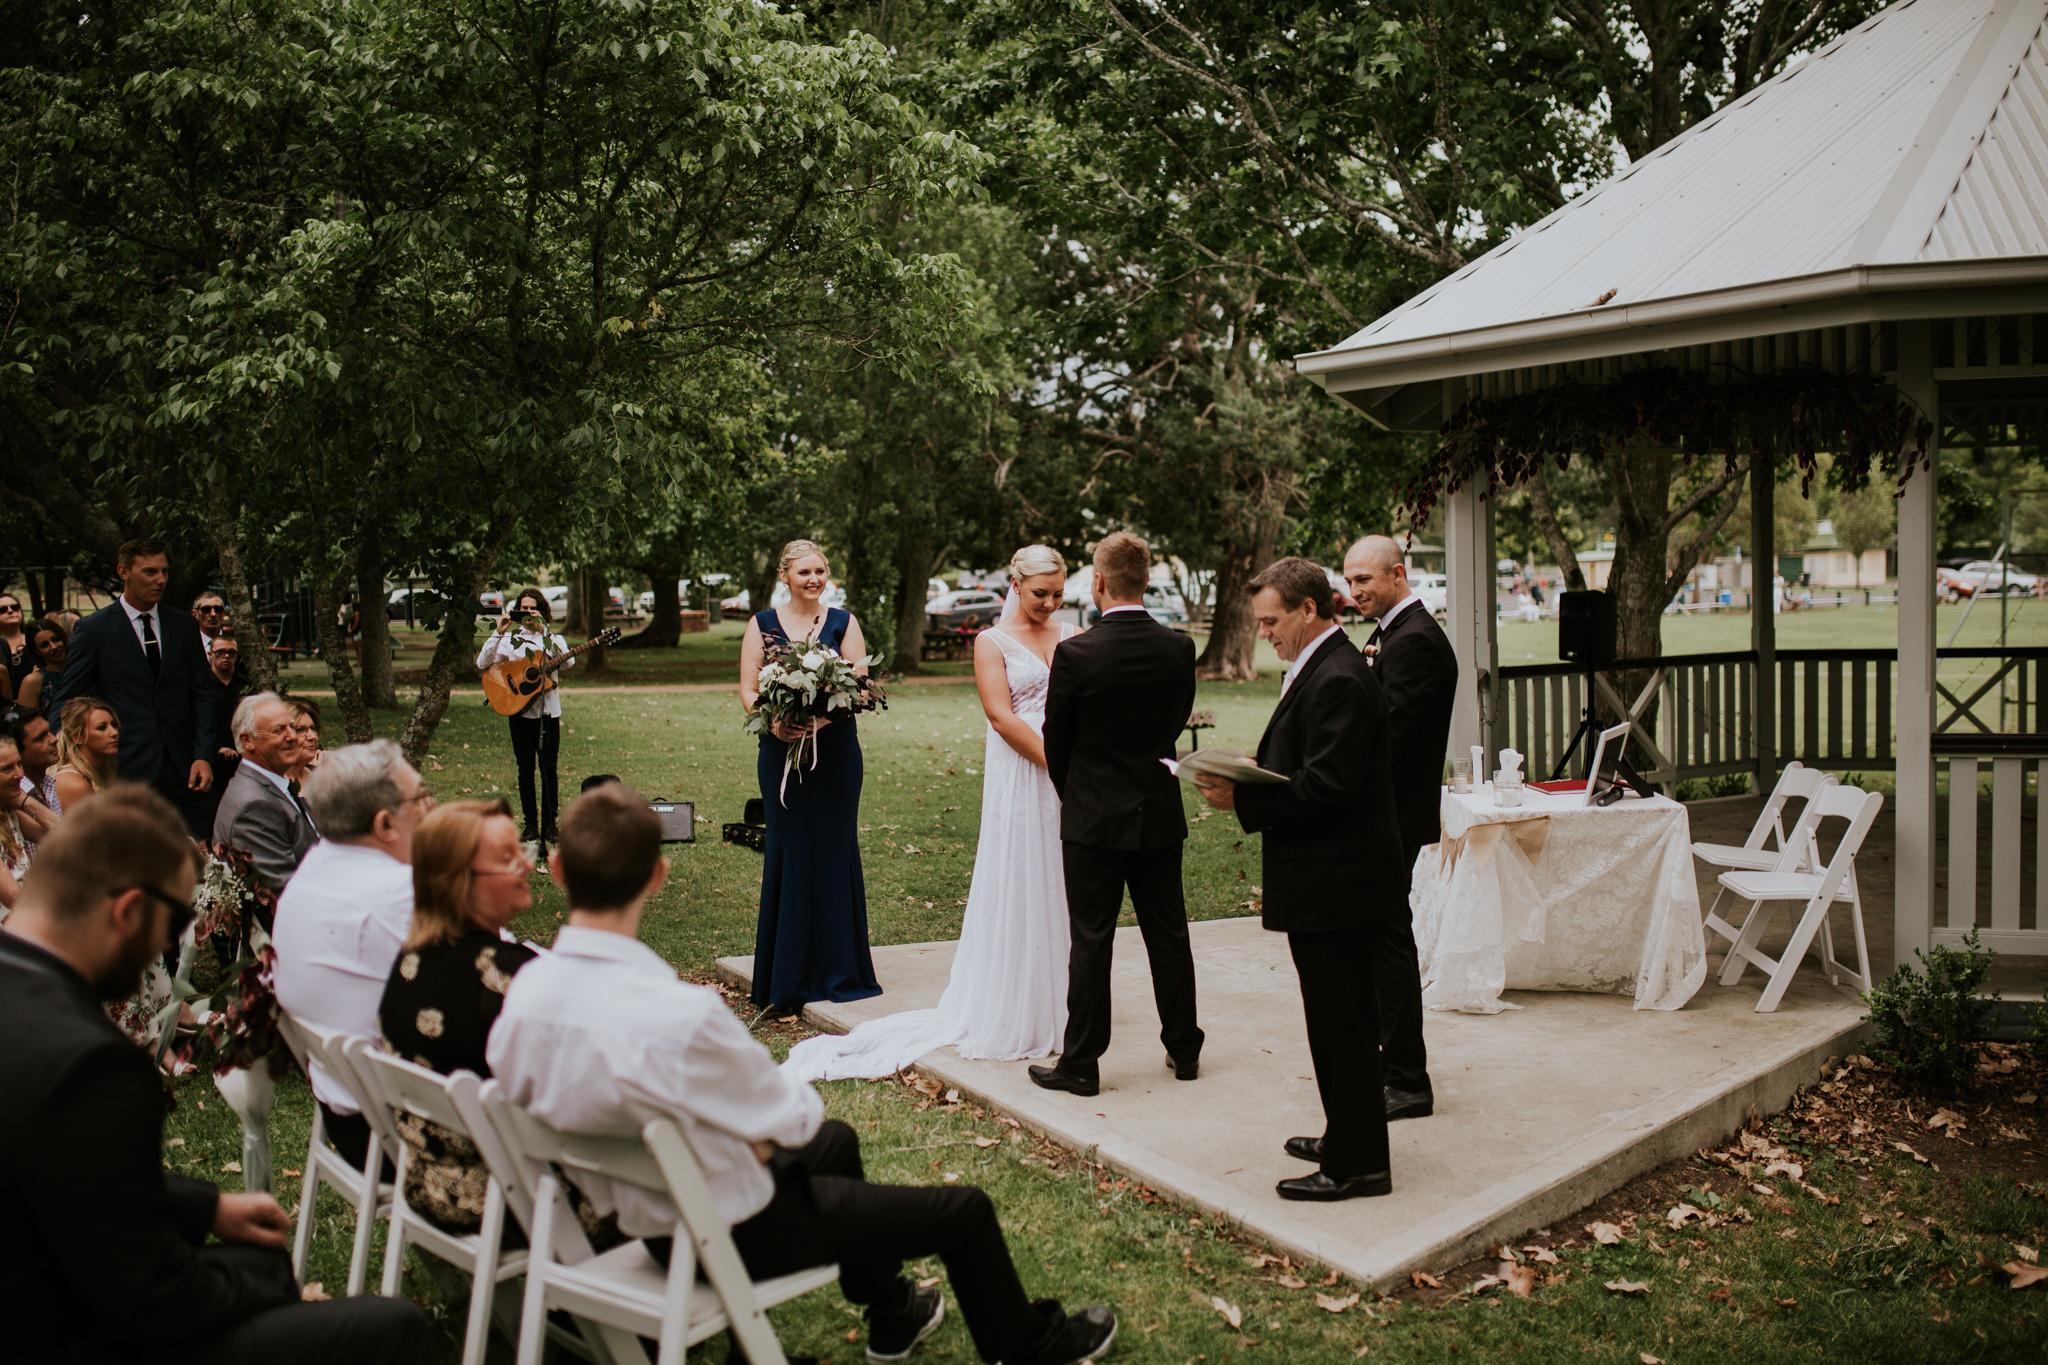 Lucy+Kyle+Kiama+Sebel+wedding-67.jpg